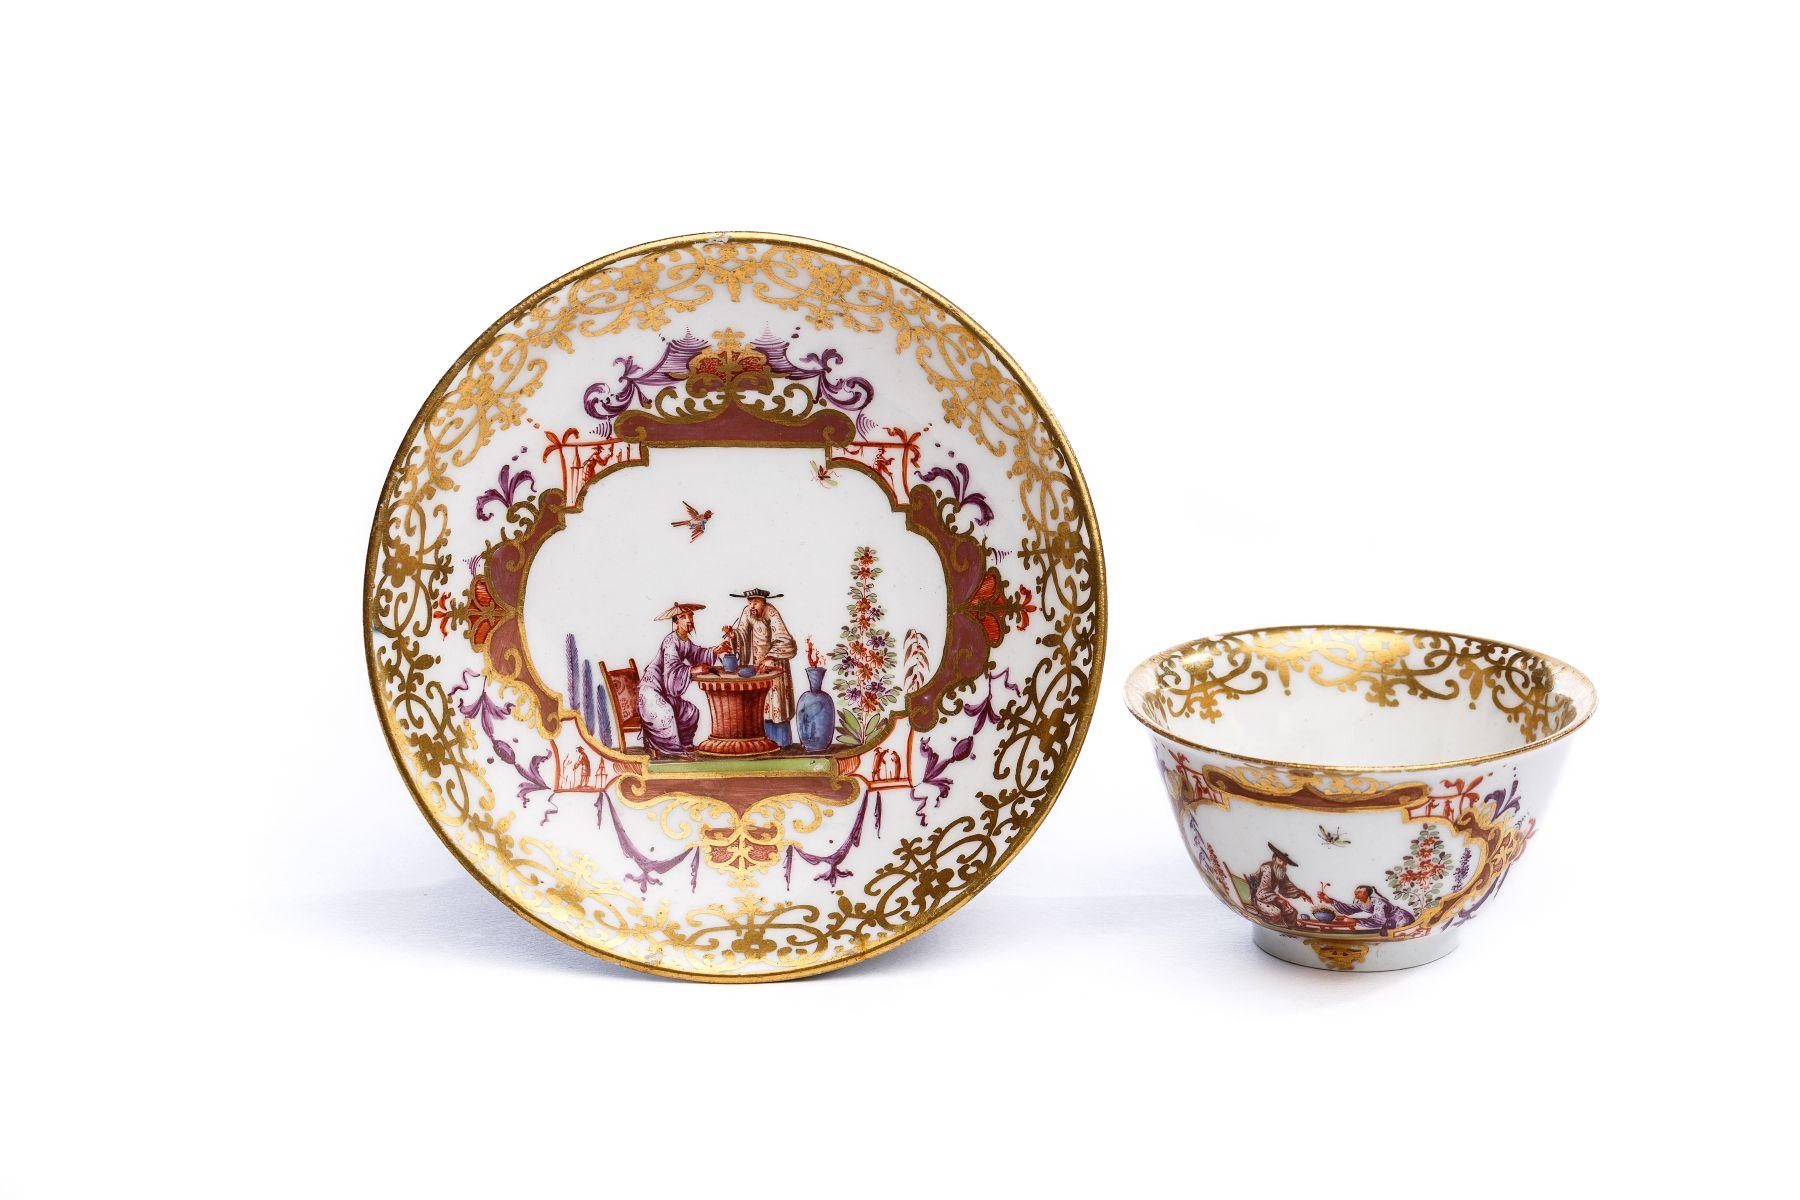 #38 Bowl with saucer, Meissen 1725 | Koppchen mit Unterschale, Meissen 1725 Image